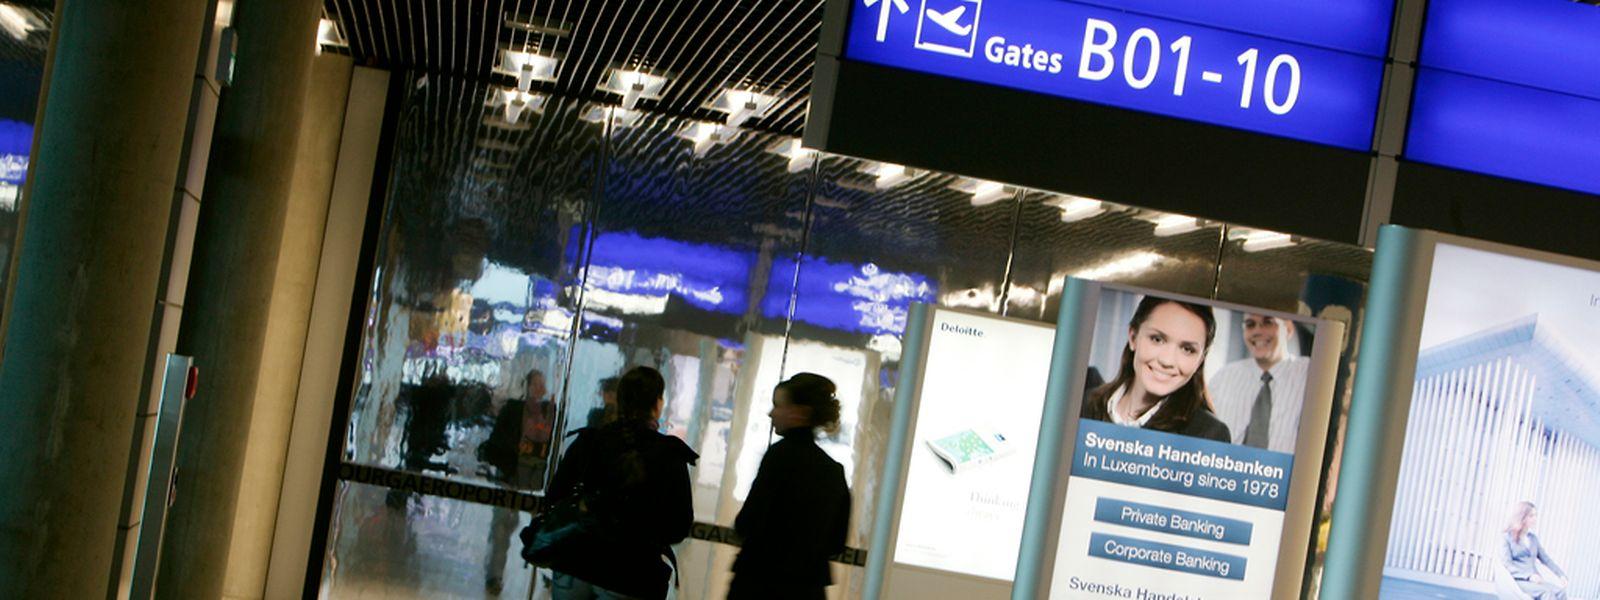 Das Terminal B am Luxemburger Flughafen soll in drei Jahren eröffnet werden.